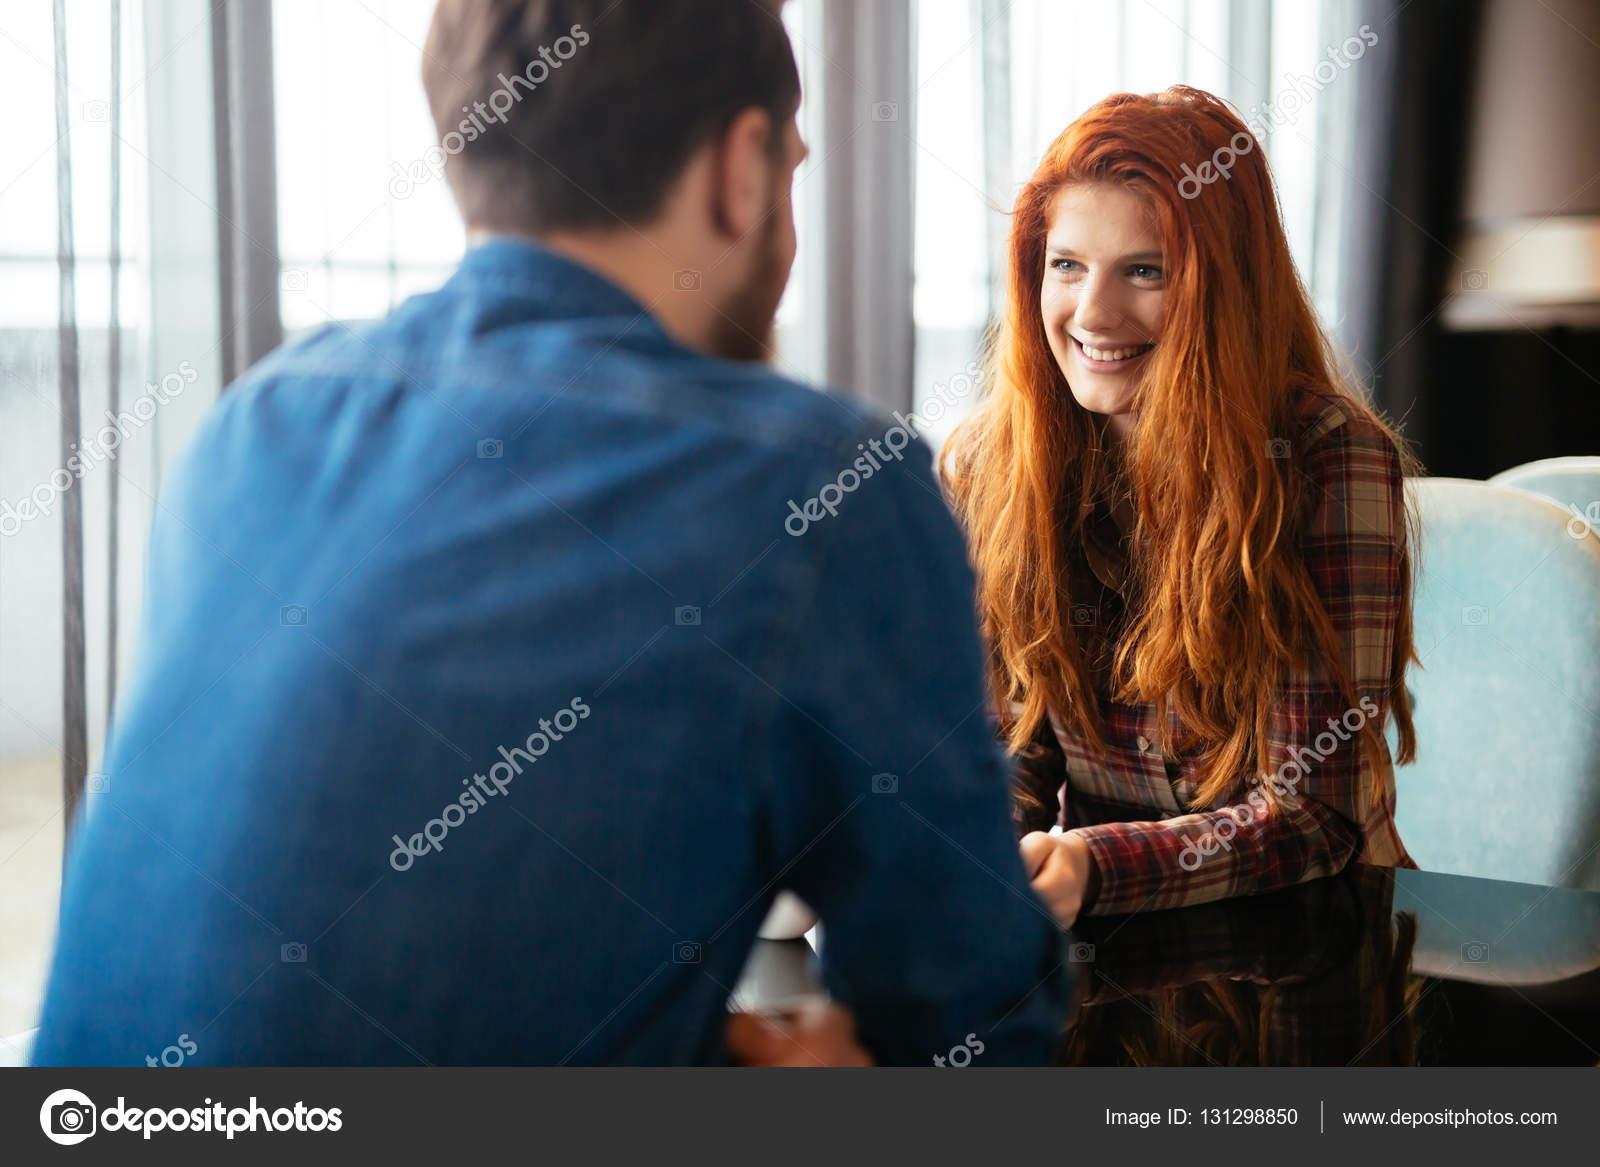 Rencontre gratuite hommes à Bouc-Bel-Air - Rencontrer des célibataires - Page 8